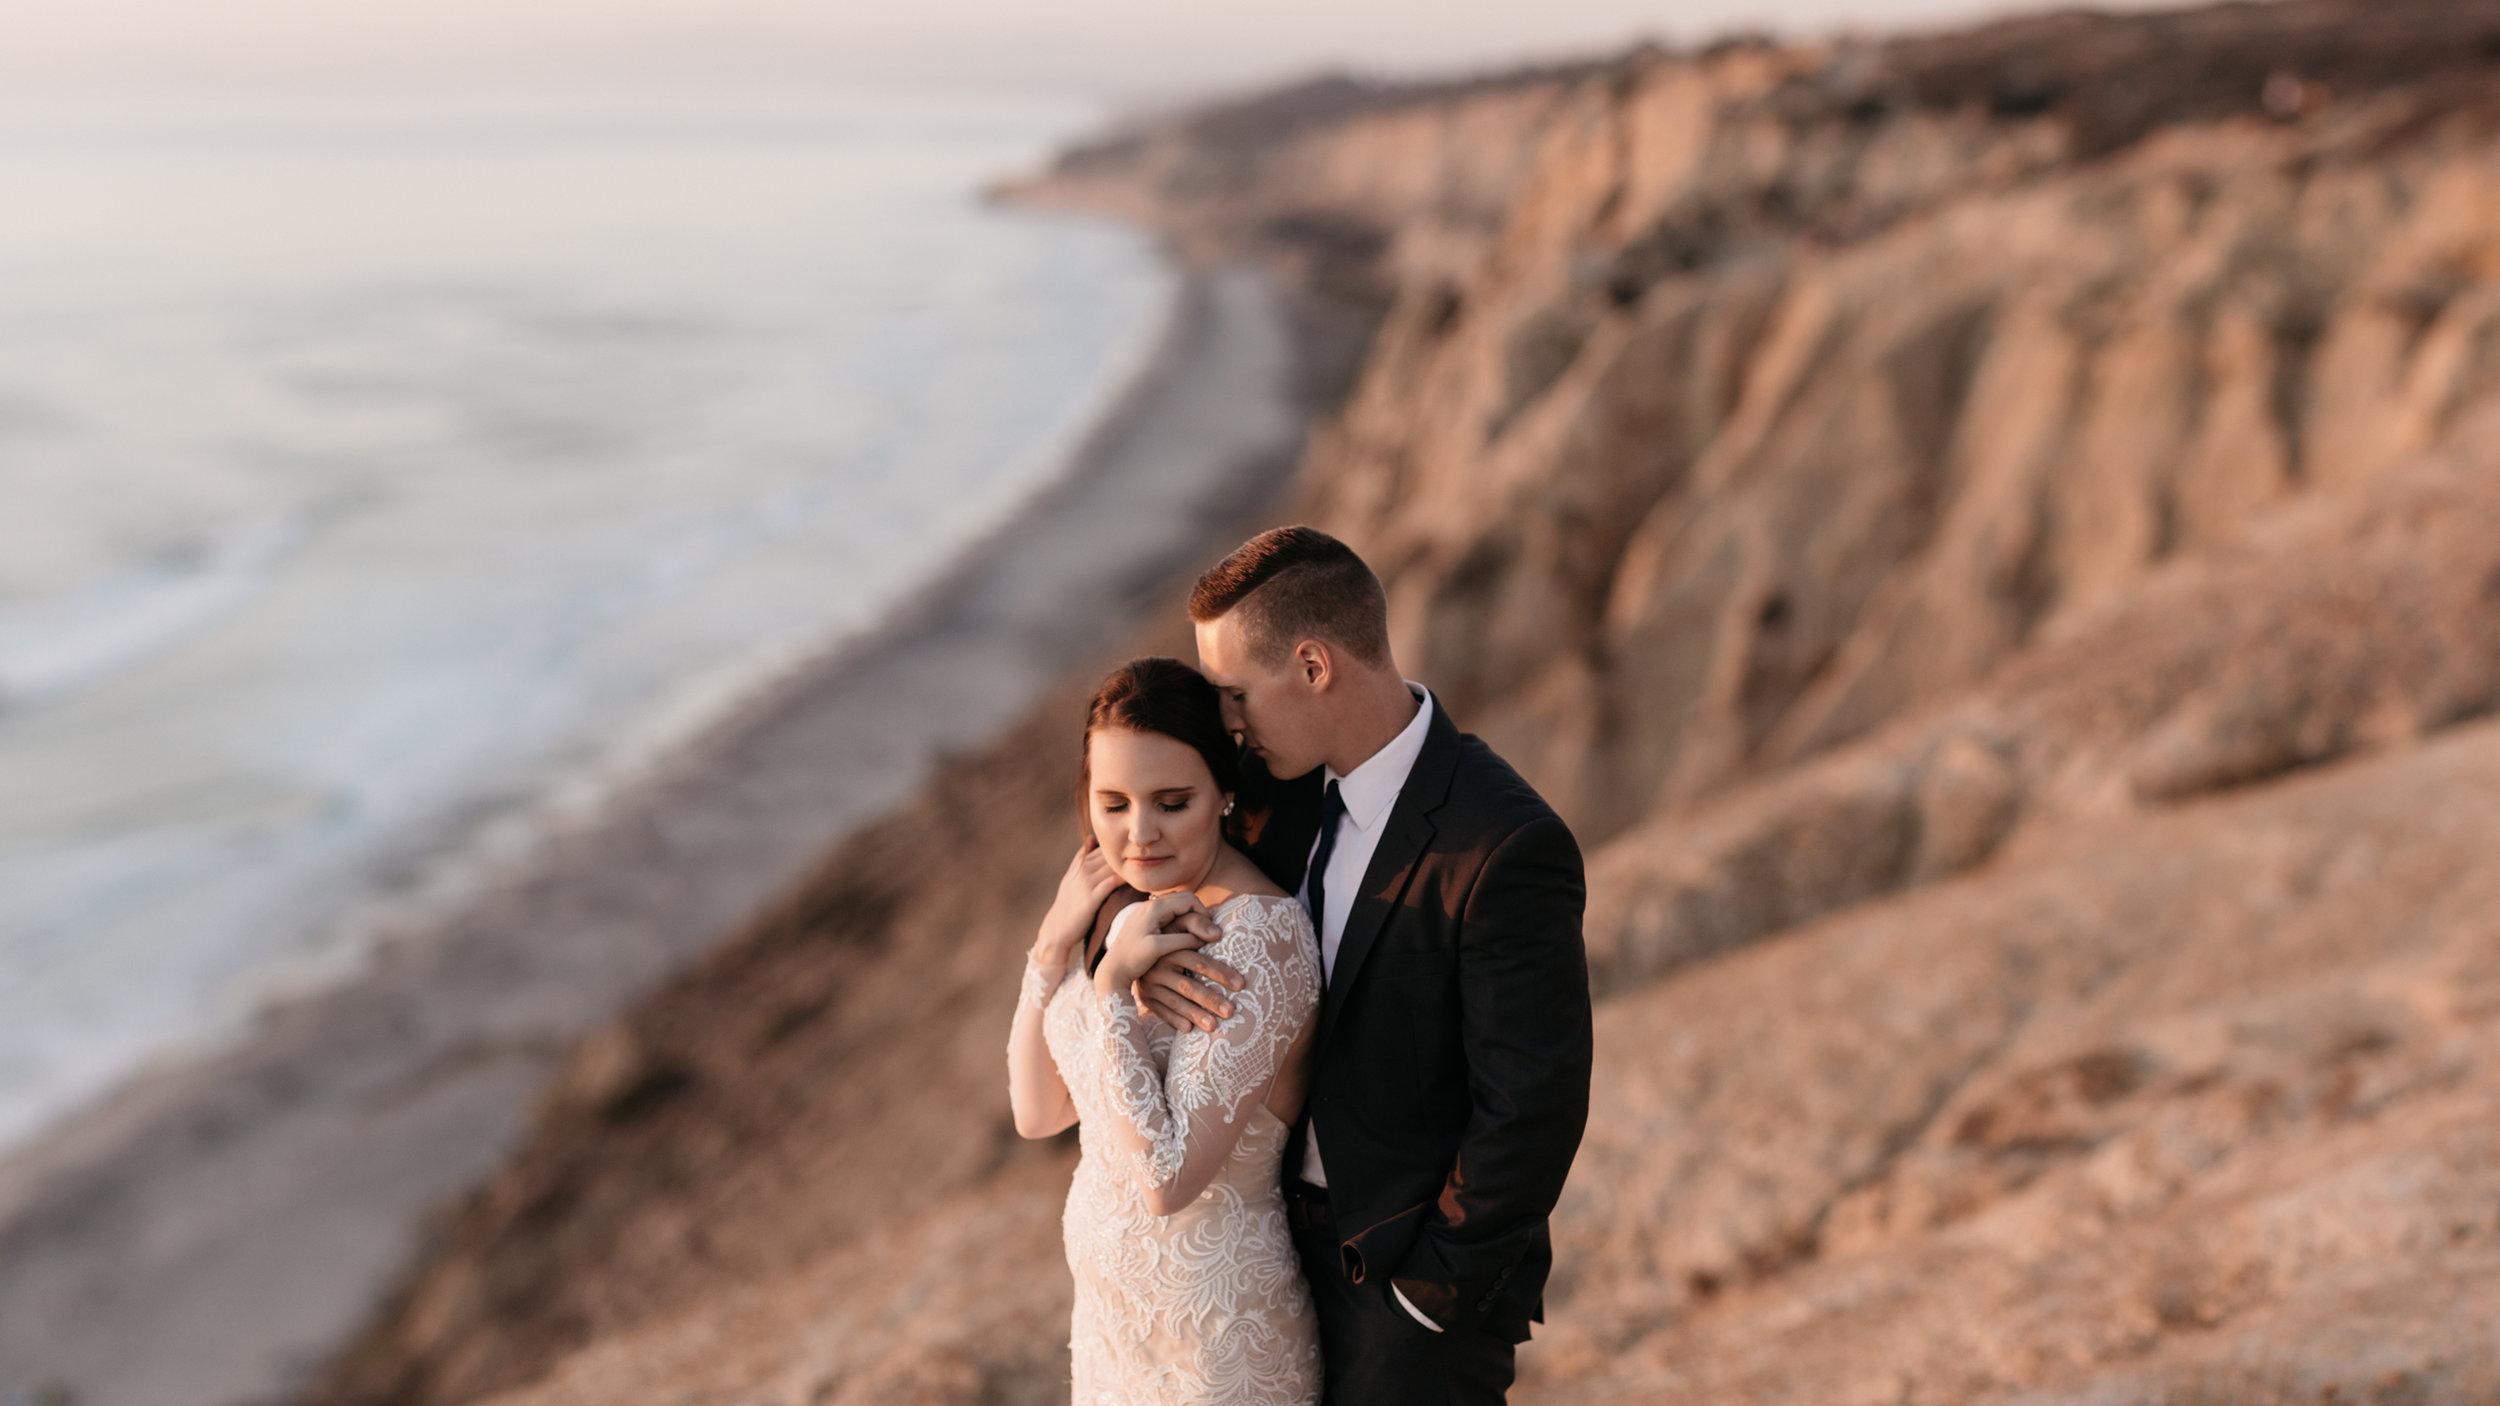 Tanner & Jocelyn